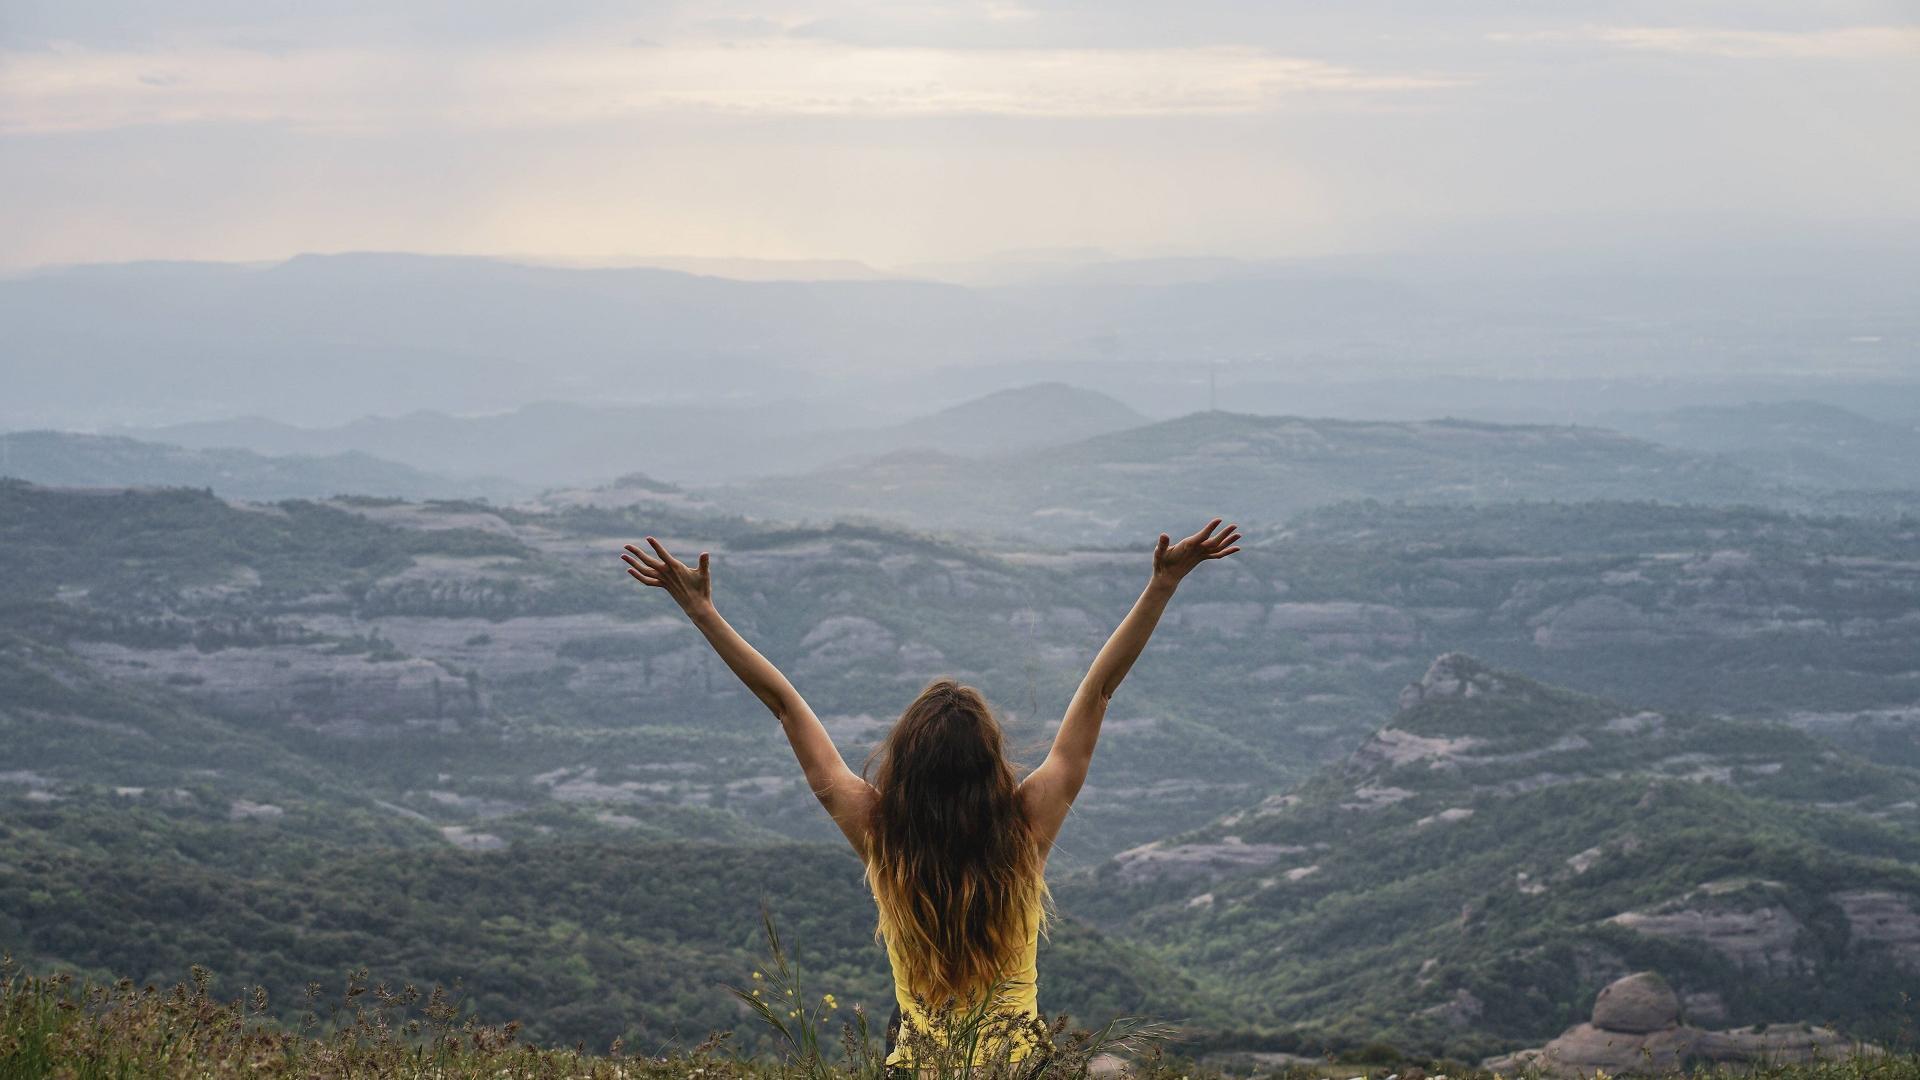 Frau am Berg, die Arme in die Luft streckt